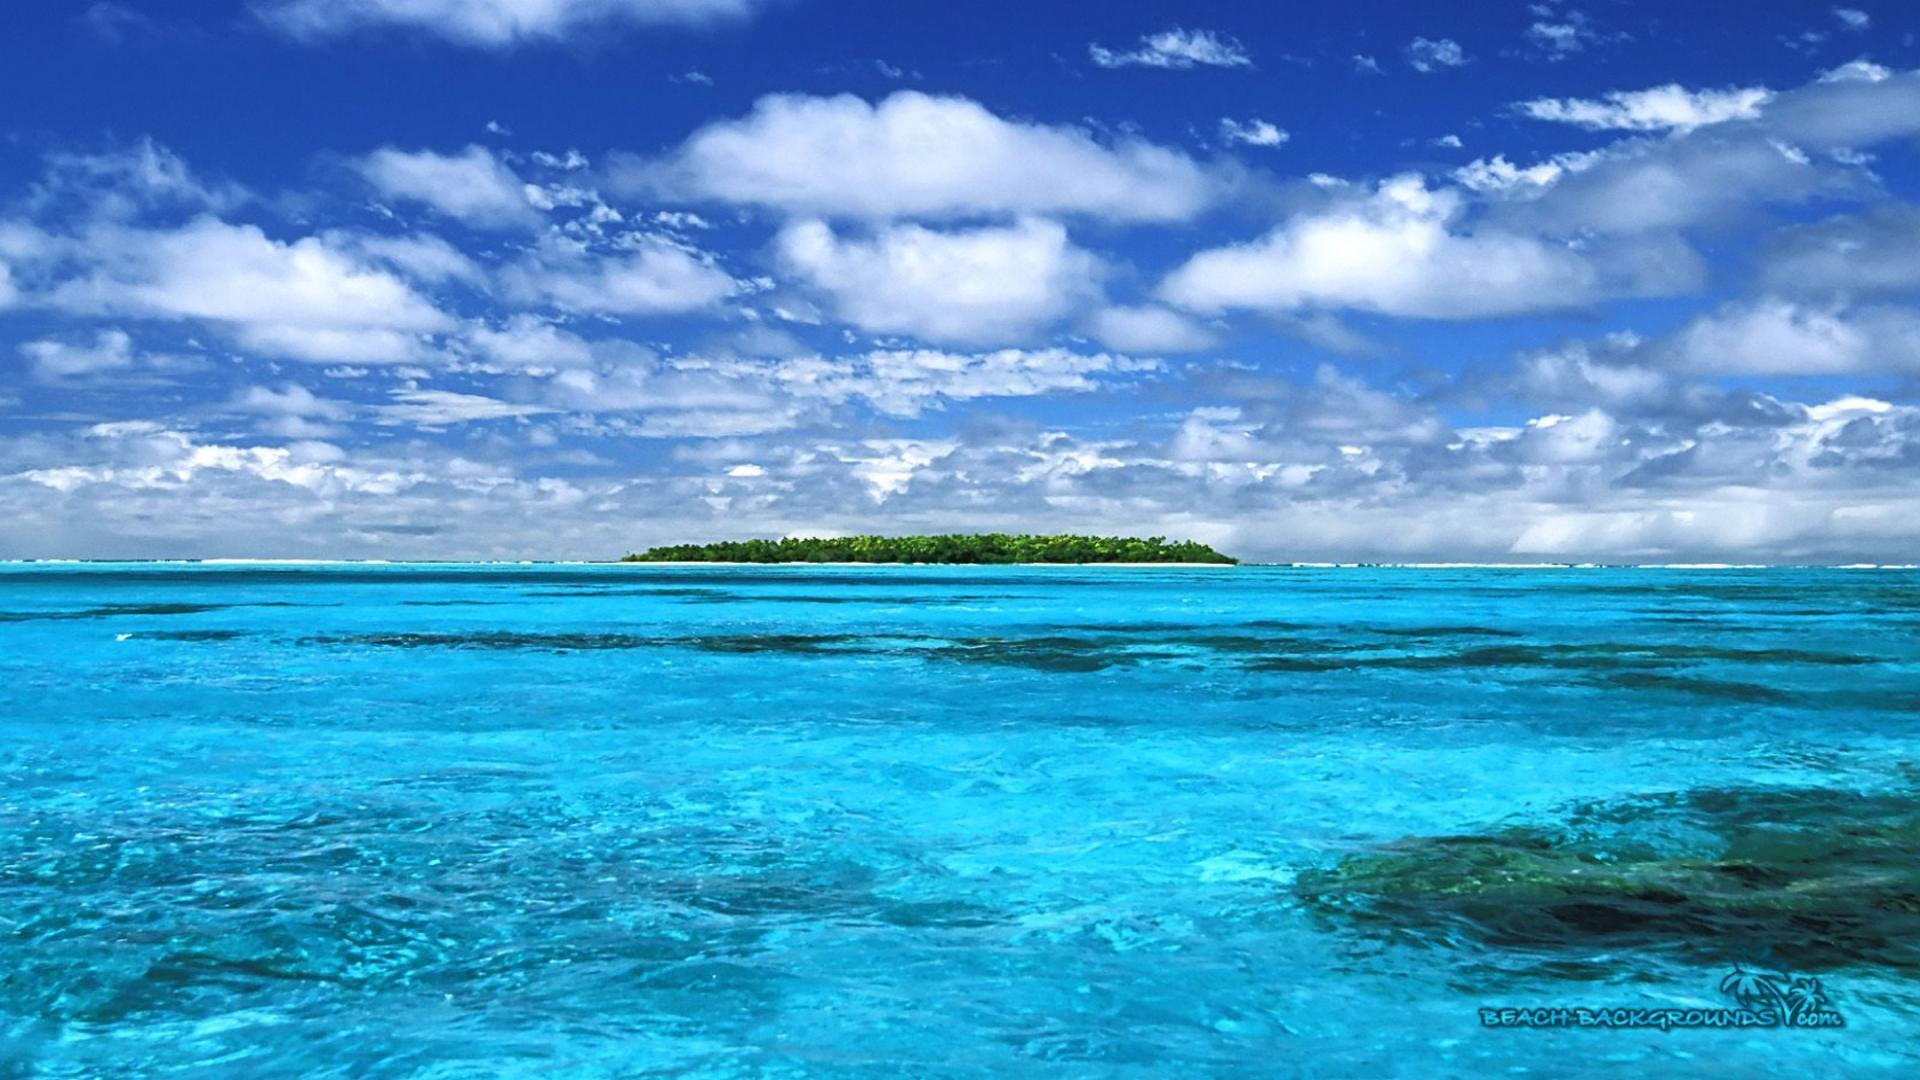 Hd Beach Desktop Wallpapers Top Free Hd Beach Desktop Backgrounds